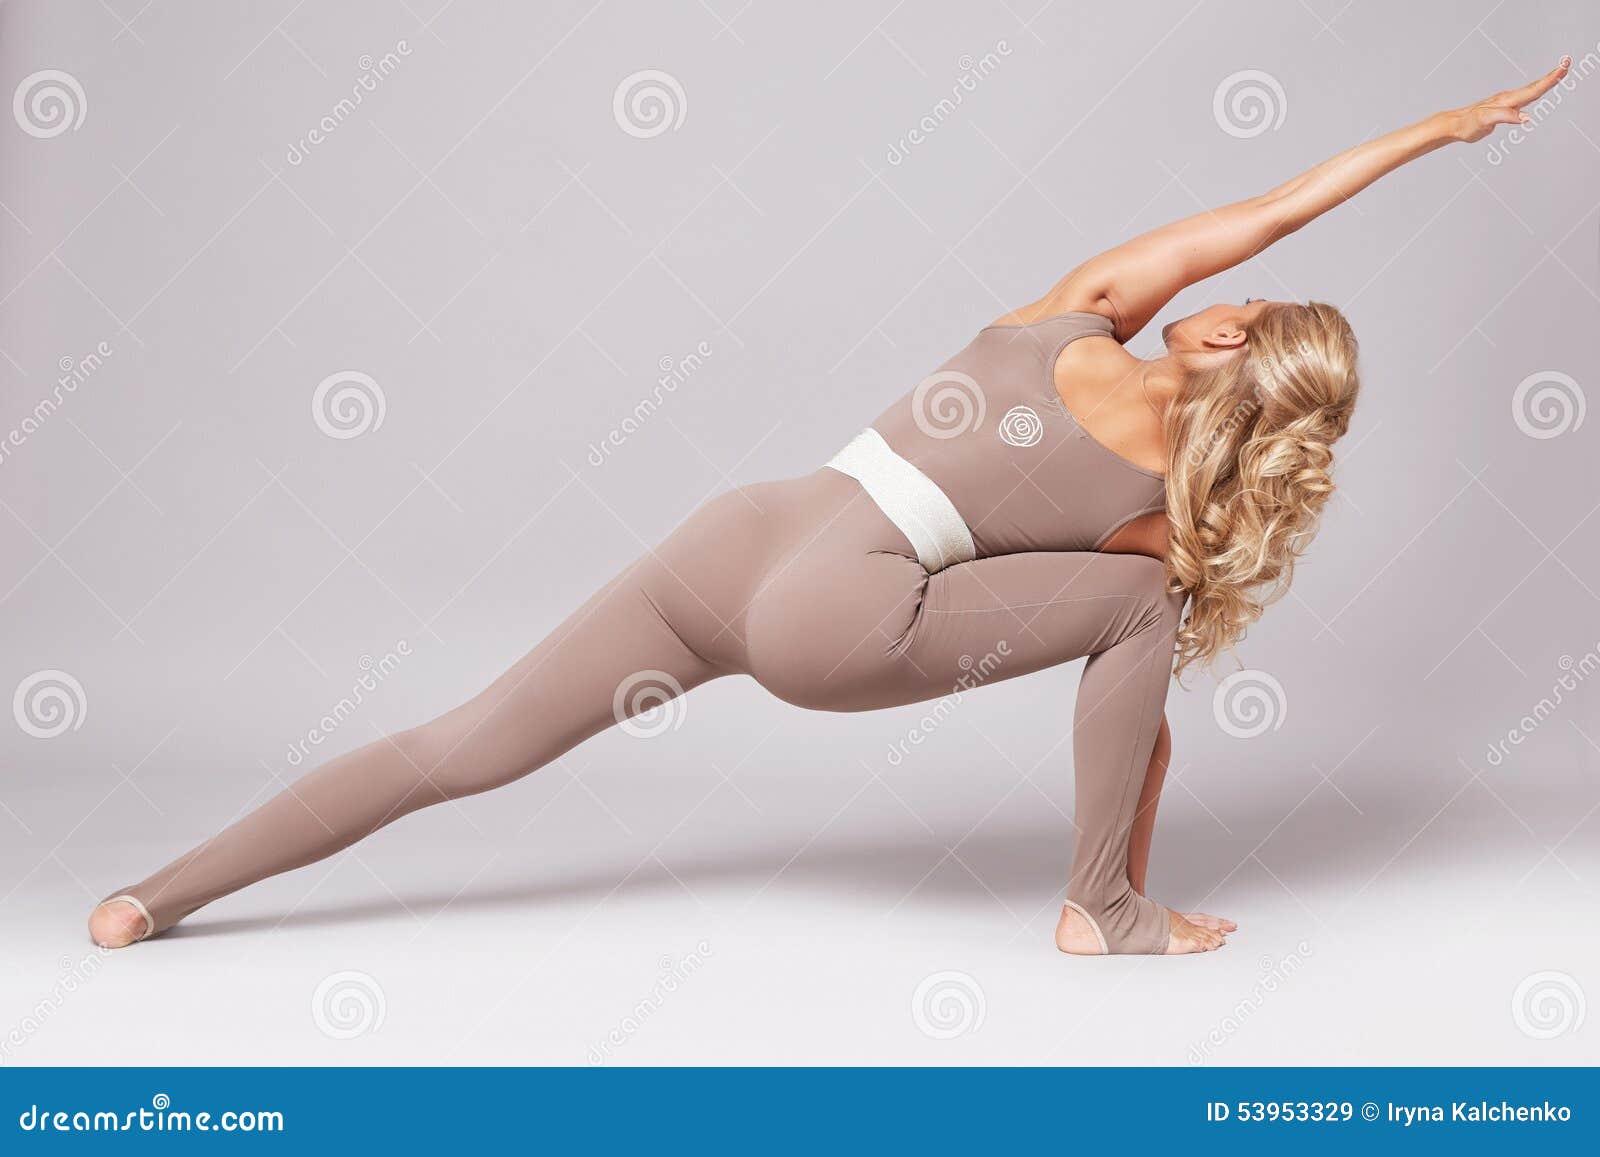 För kvinnasport för skönhet sexig kläder för form för kropp för kondition för pilates för yoga